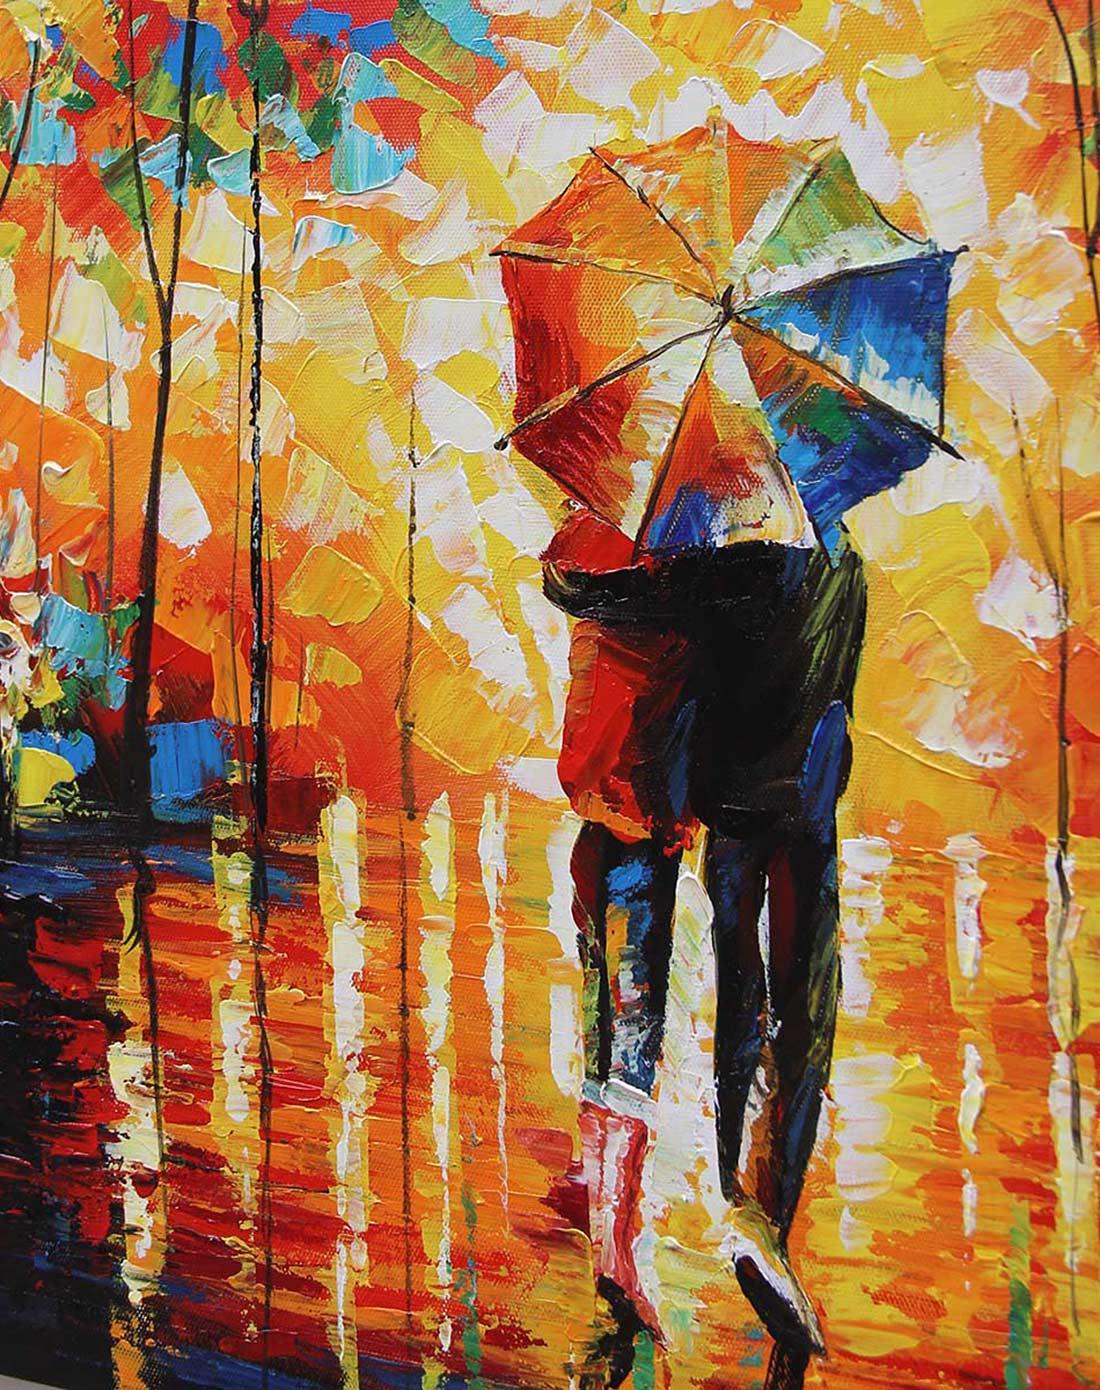 抽象派《绽放的生命》纯手绘油画